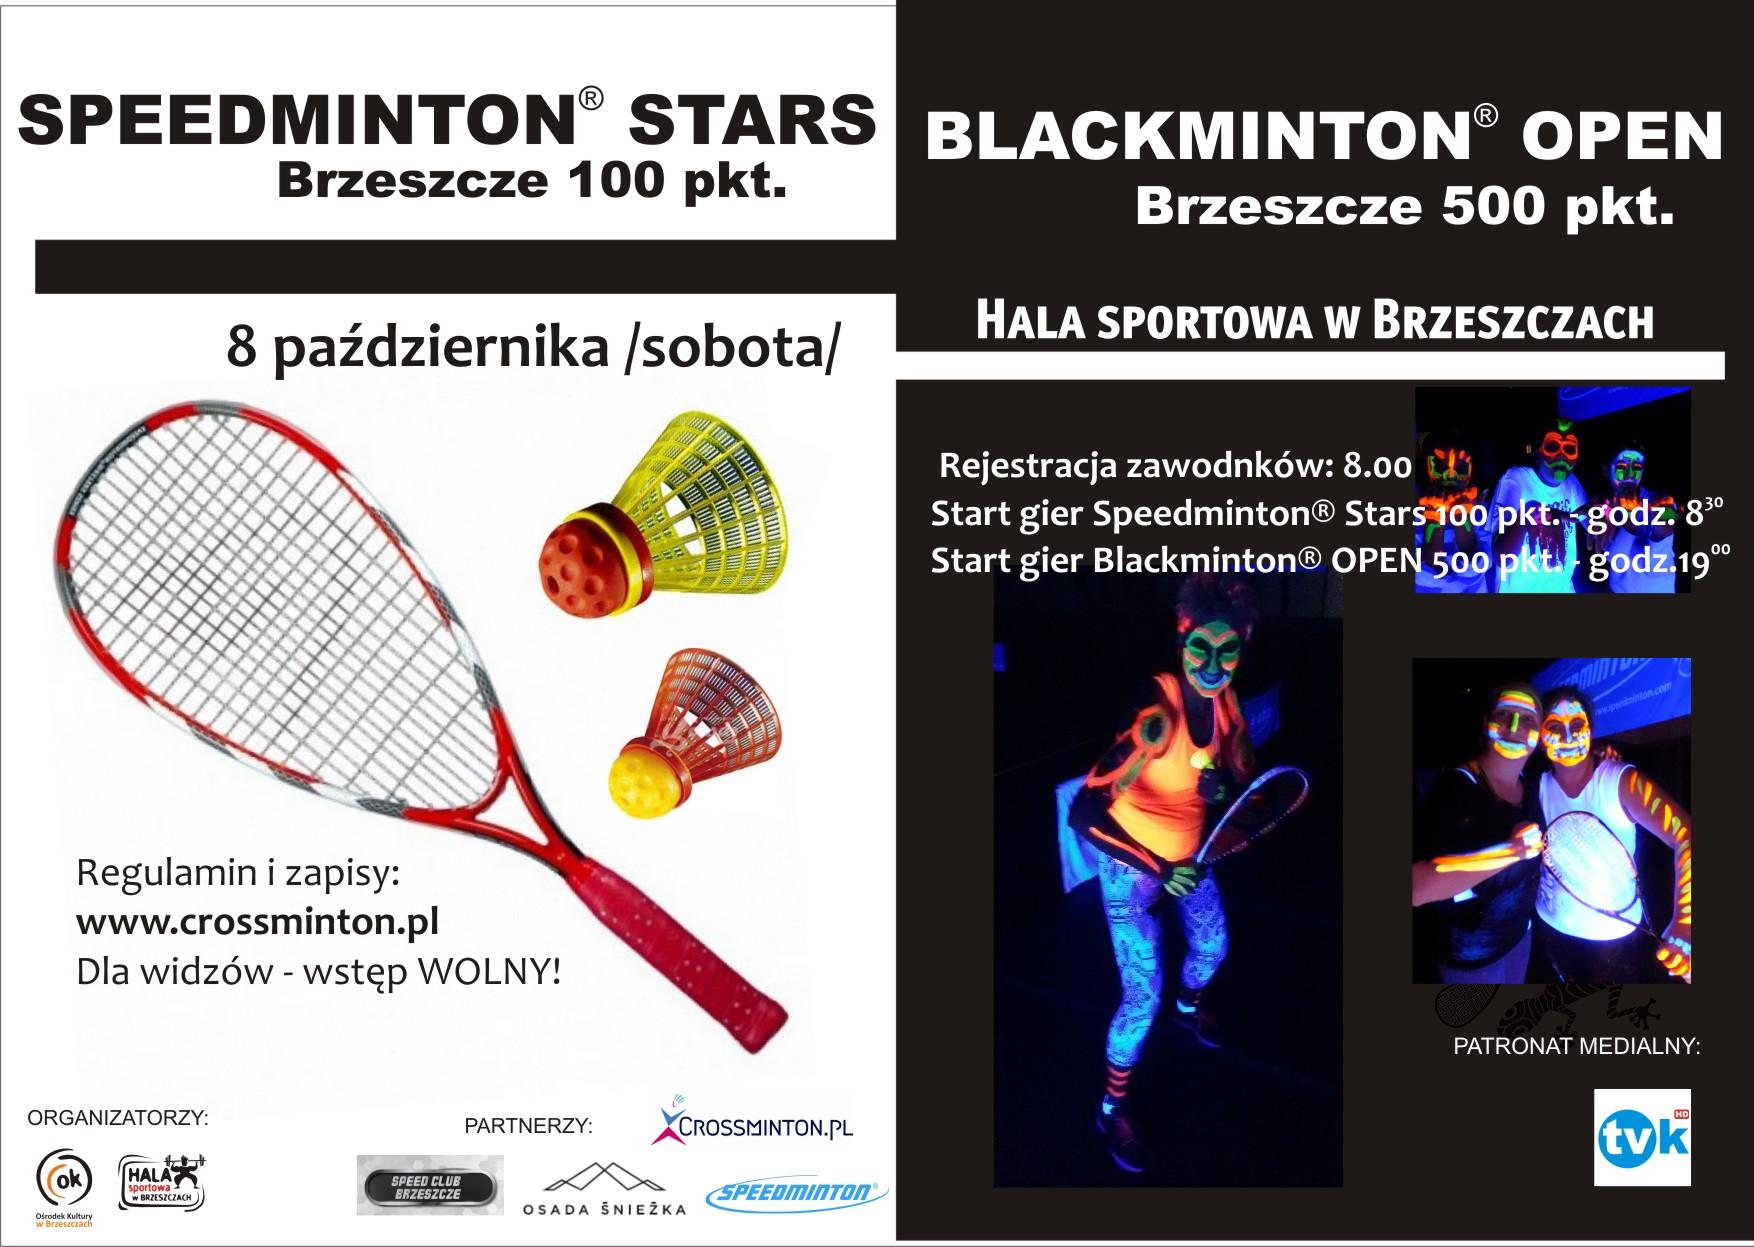 plakat speedminton-blacminton - 8 października